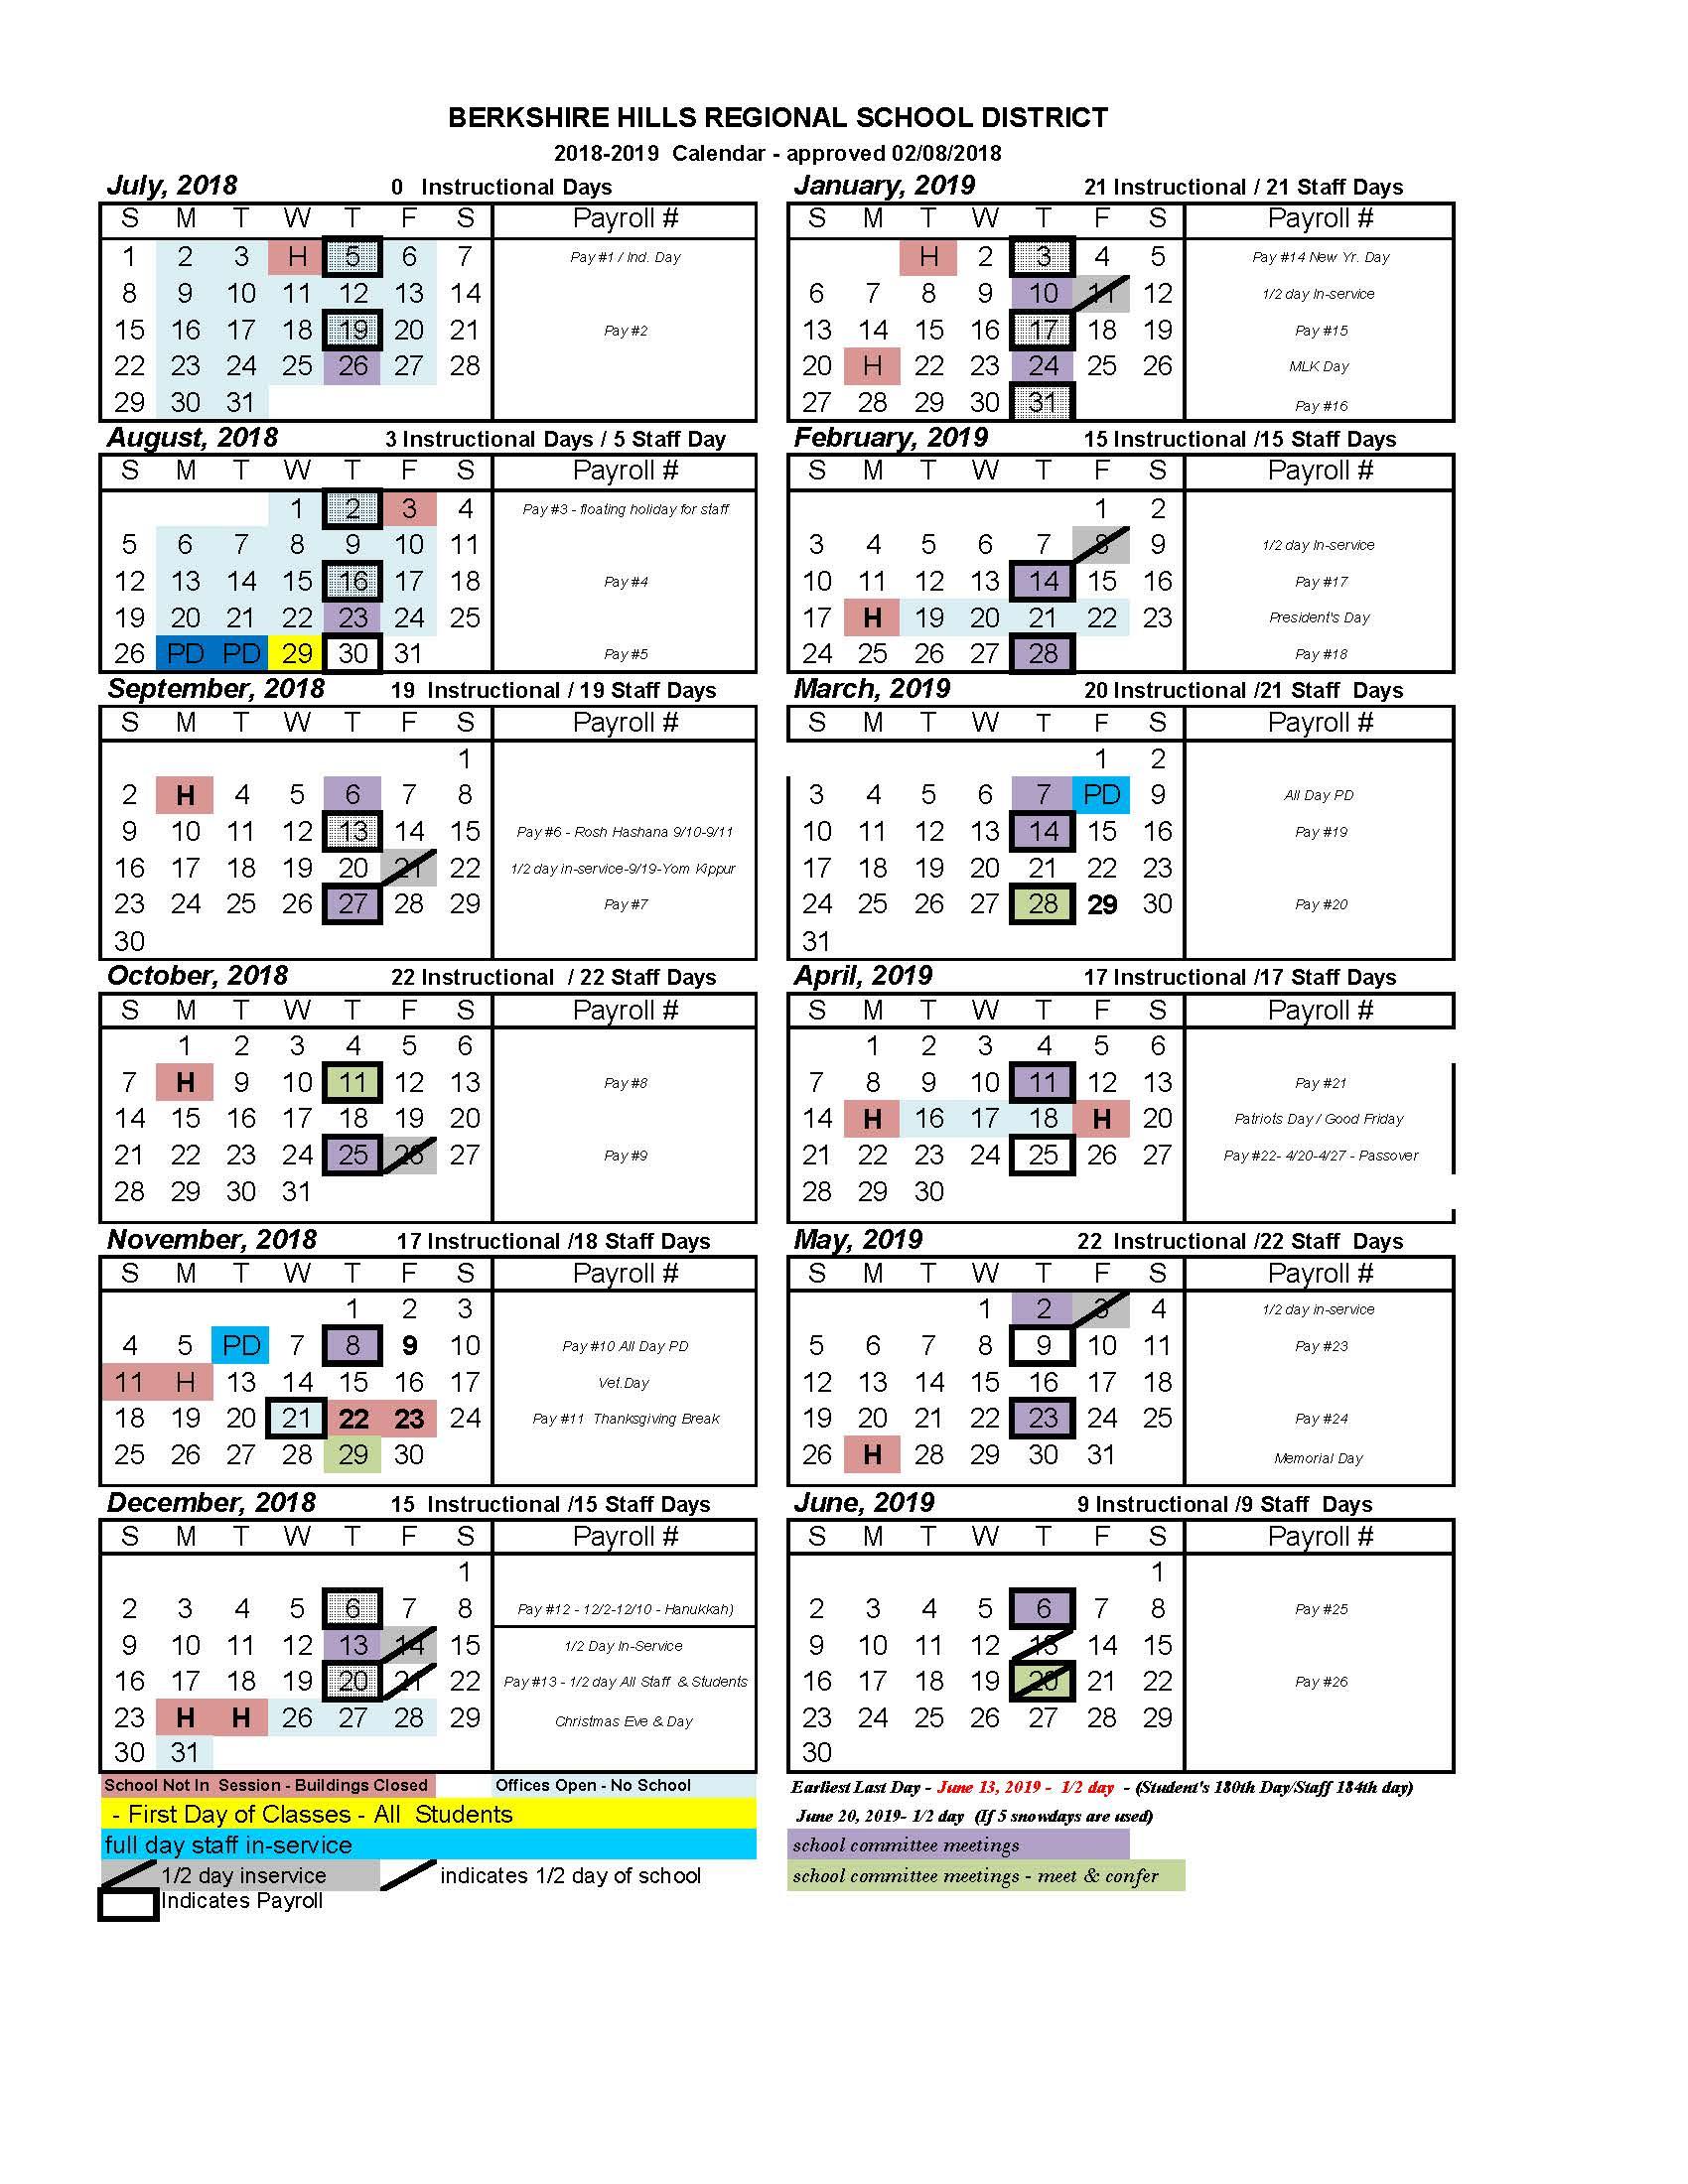 2018-2019 BHRSD School Calendar